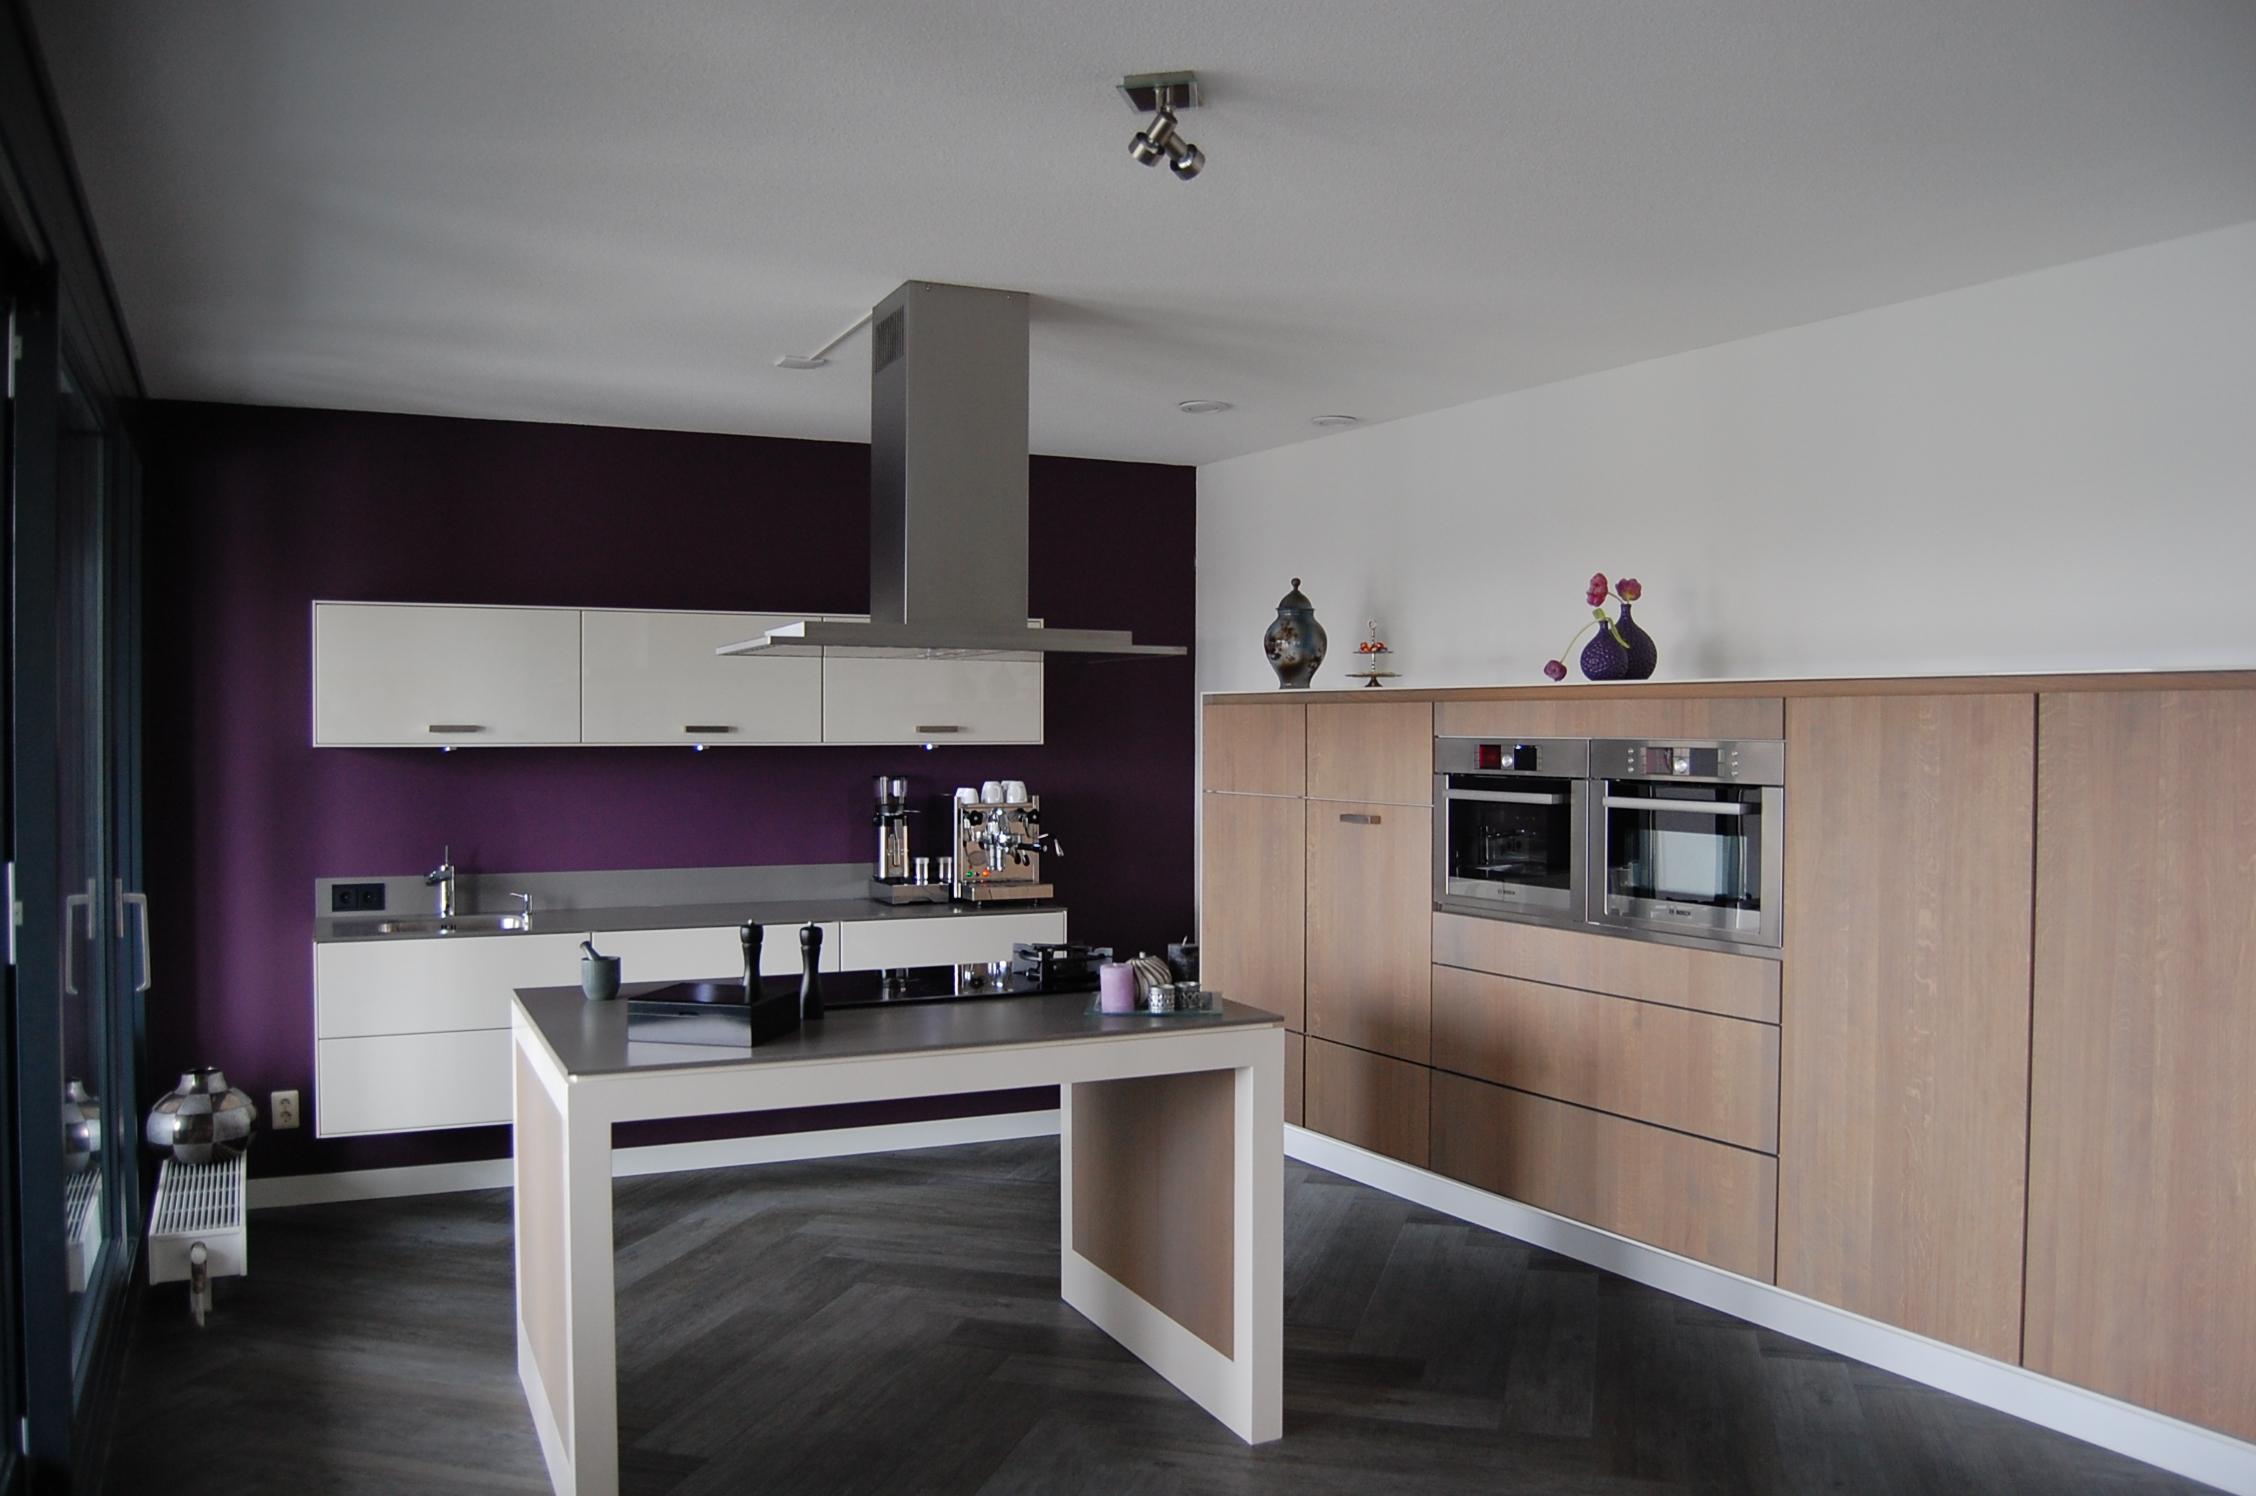 Keukens hl keukens en kasten - Hoe dicht een open keuken ...